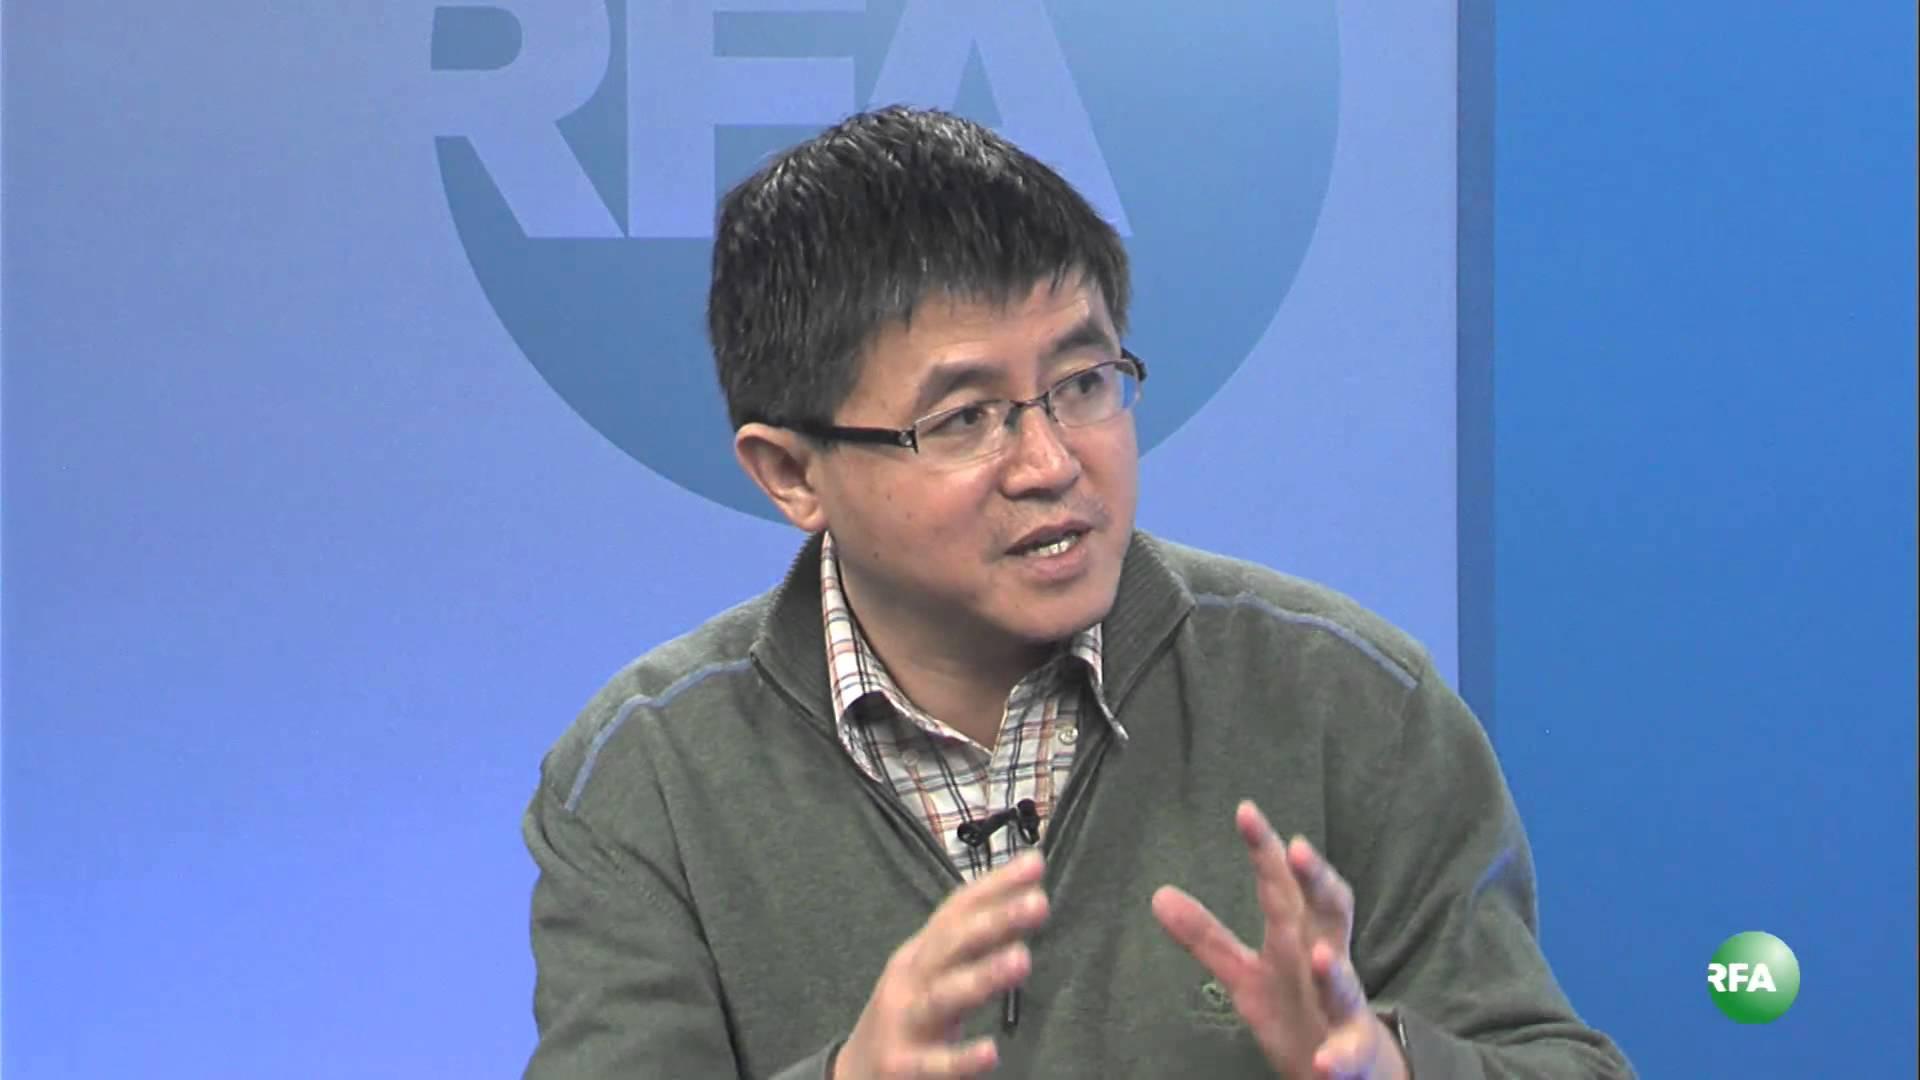 图片:旅居美国的中国艾滋病防治教育专家万延海。(资料图片)